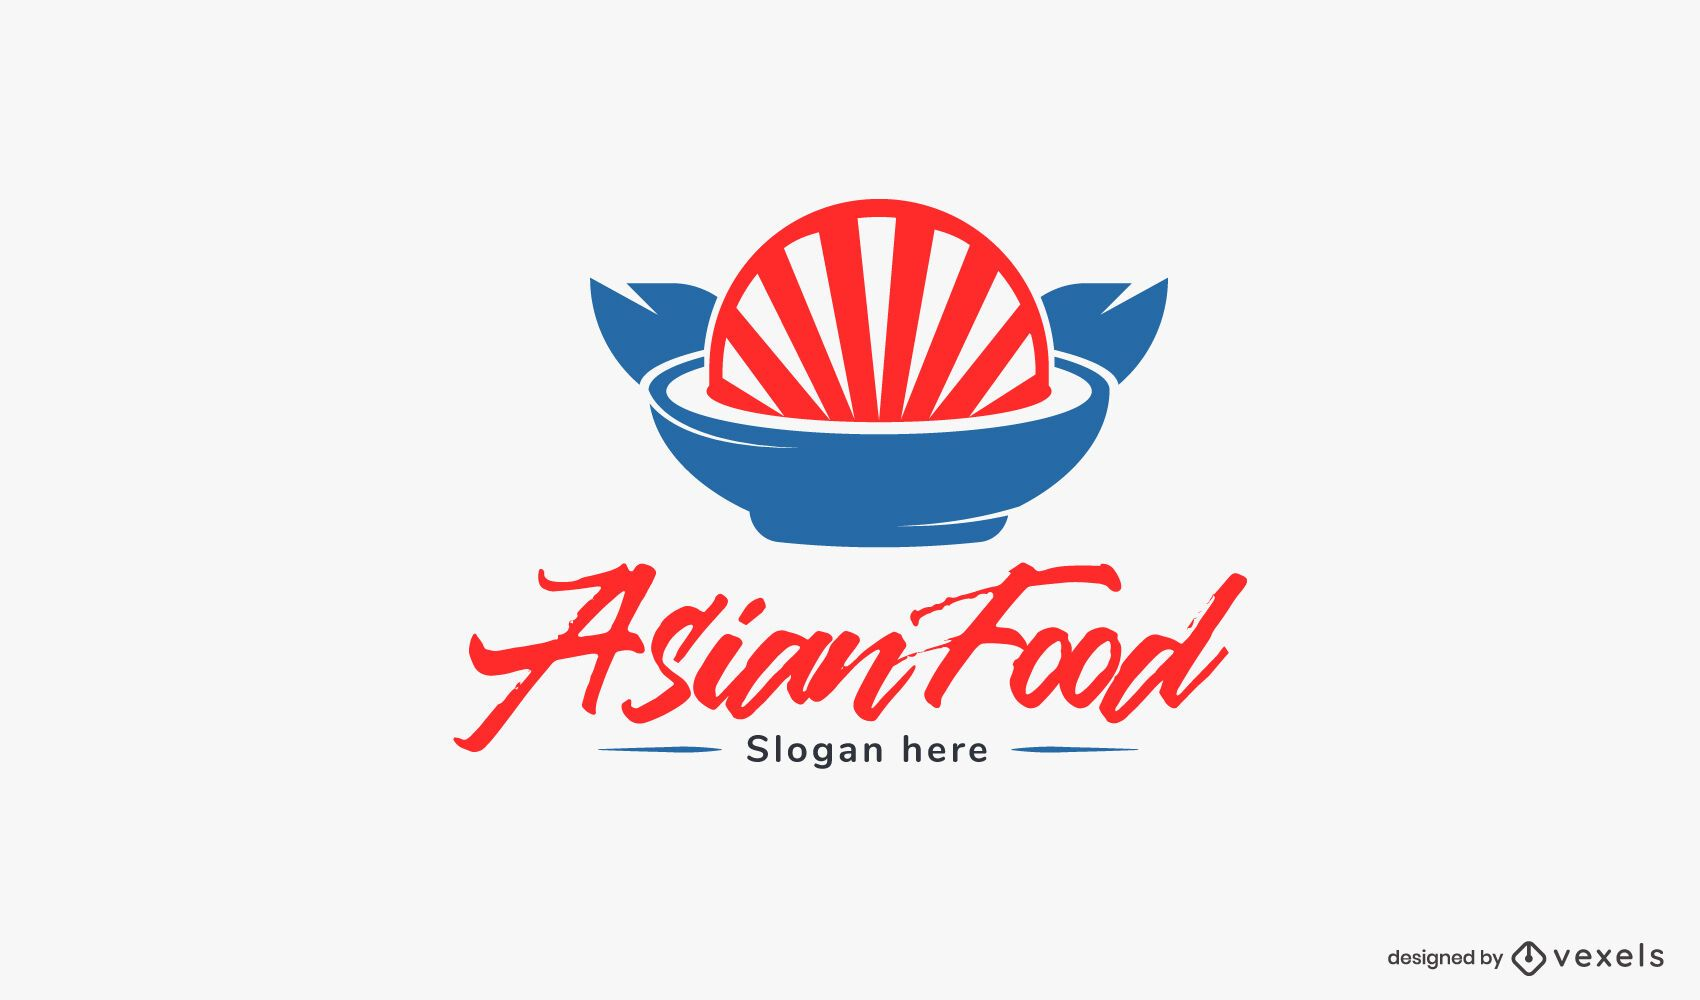 Asian food logo template